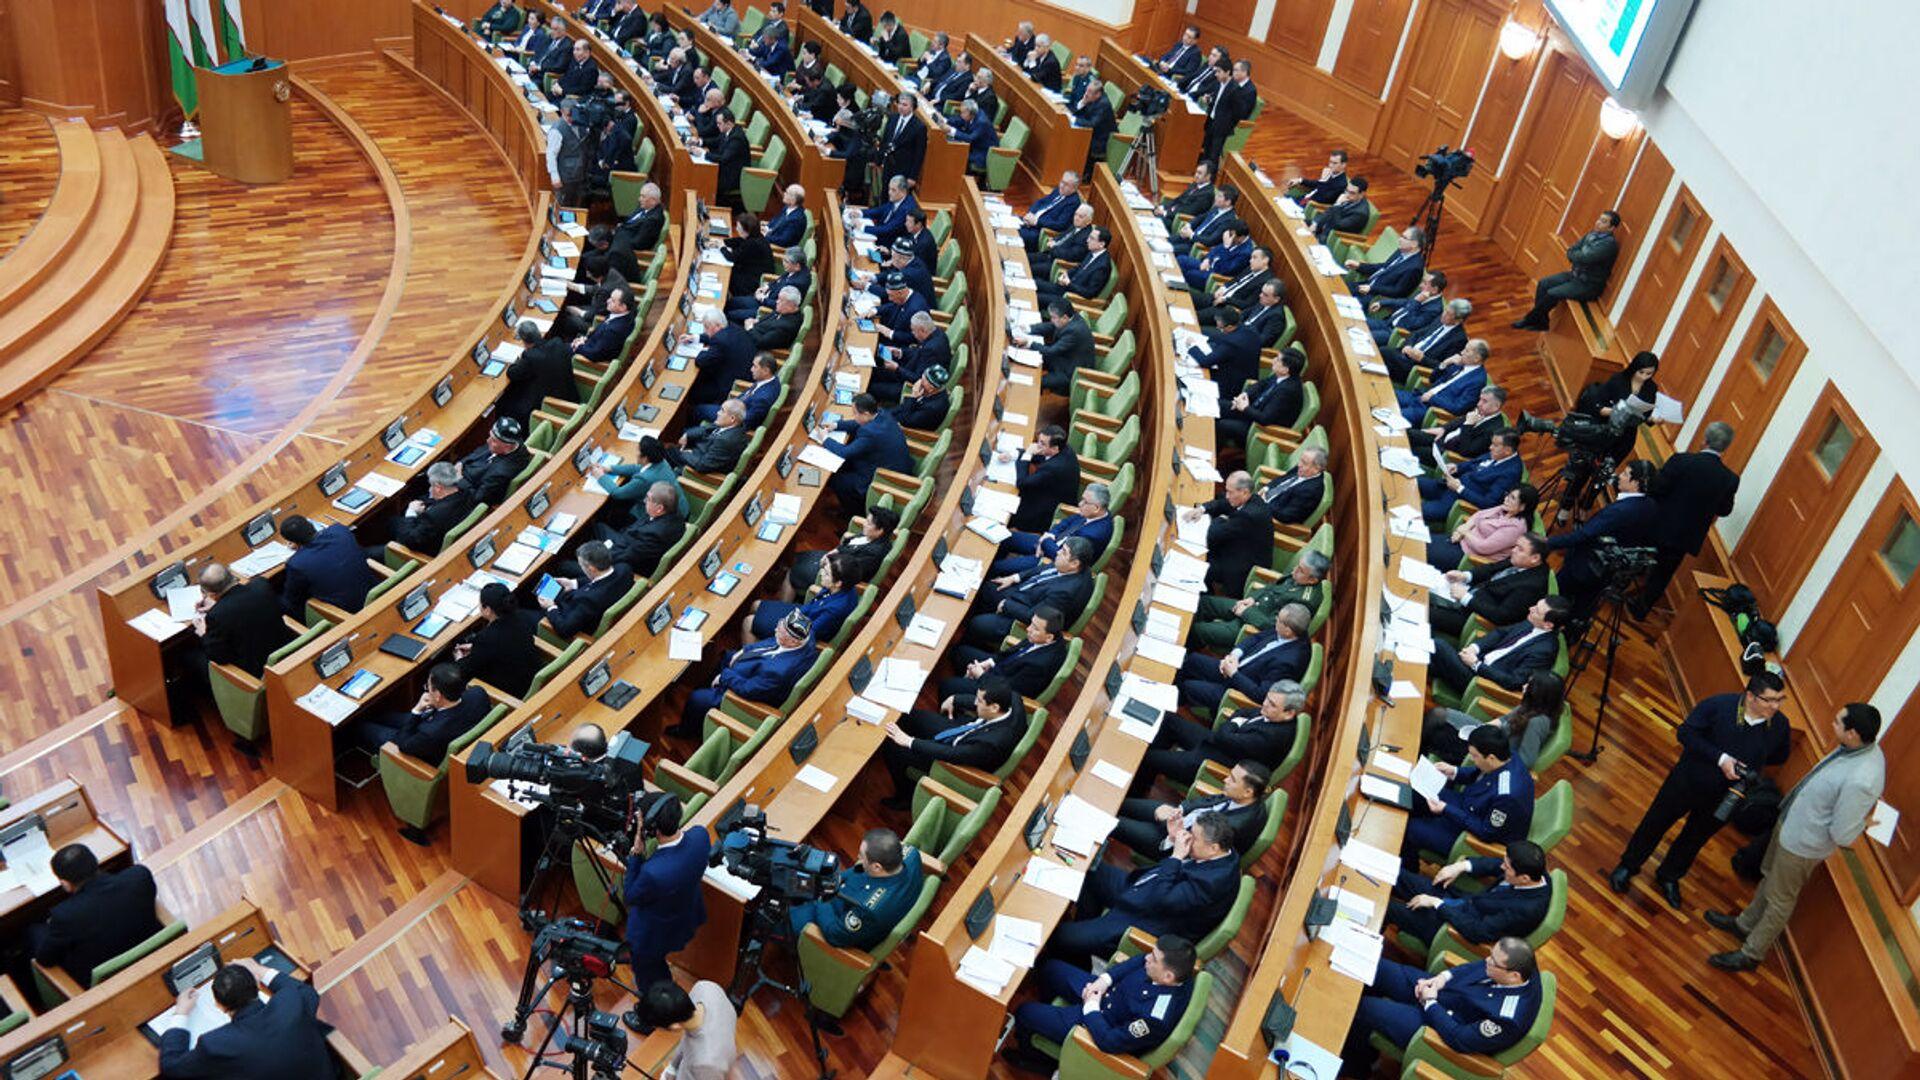 17-ое пленарное заседание Сената Олий Мажлиса РУз - Sputnik Узбекистан, 1920, 22.06.2021